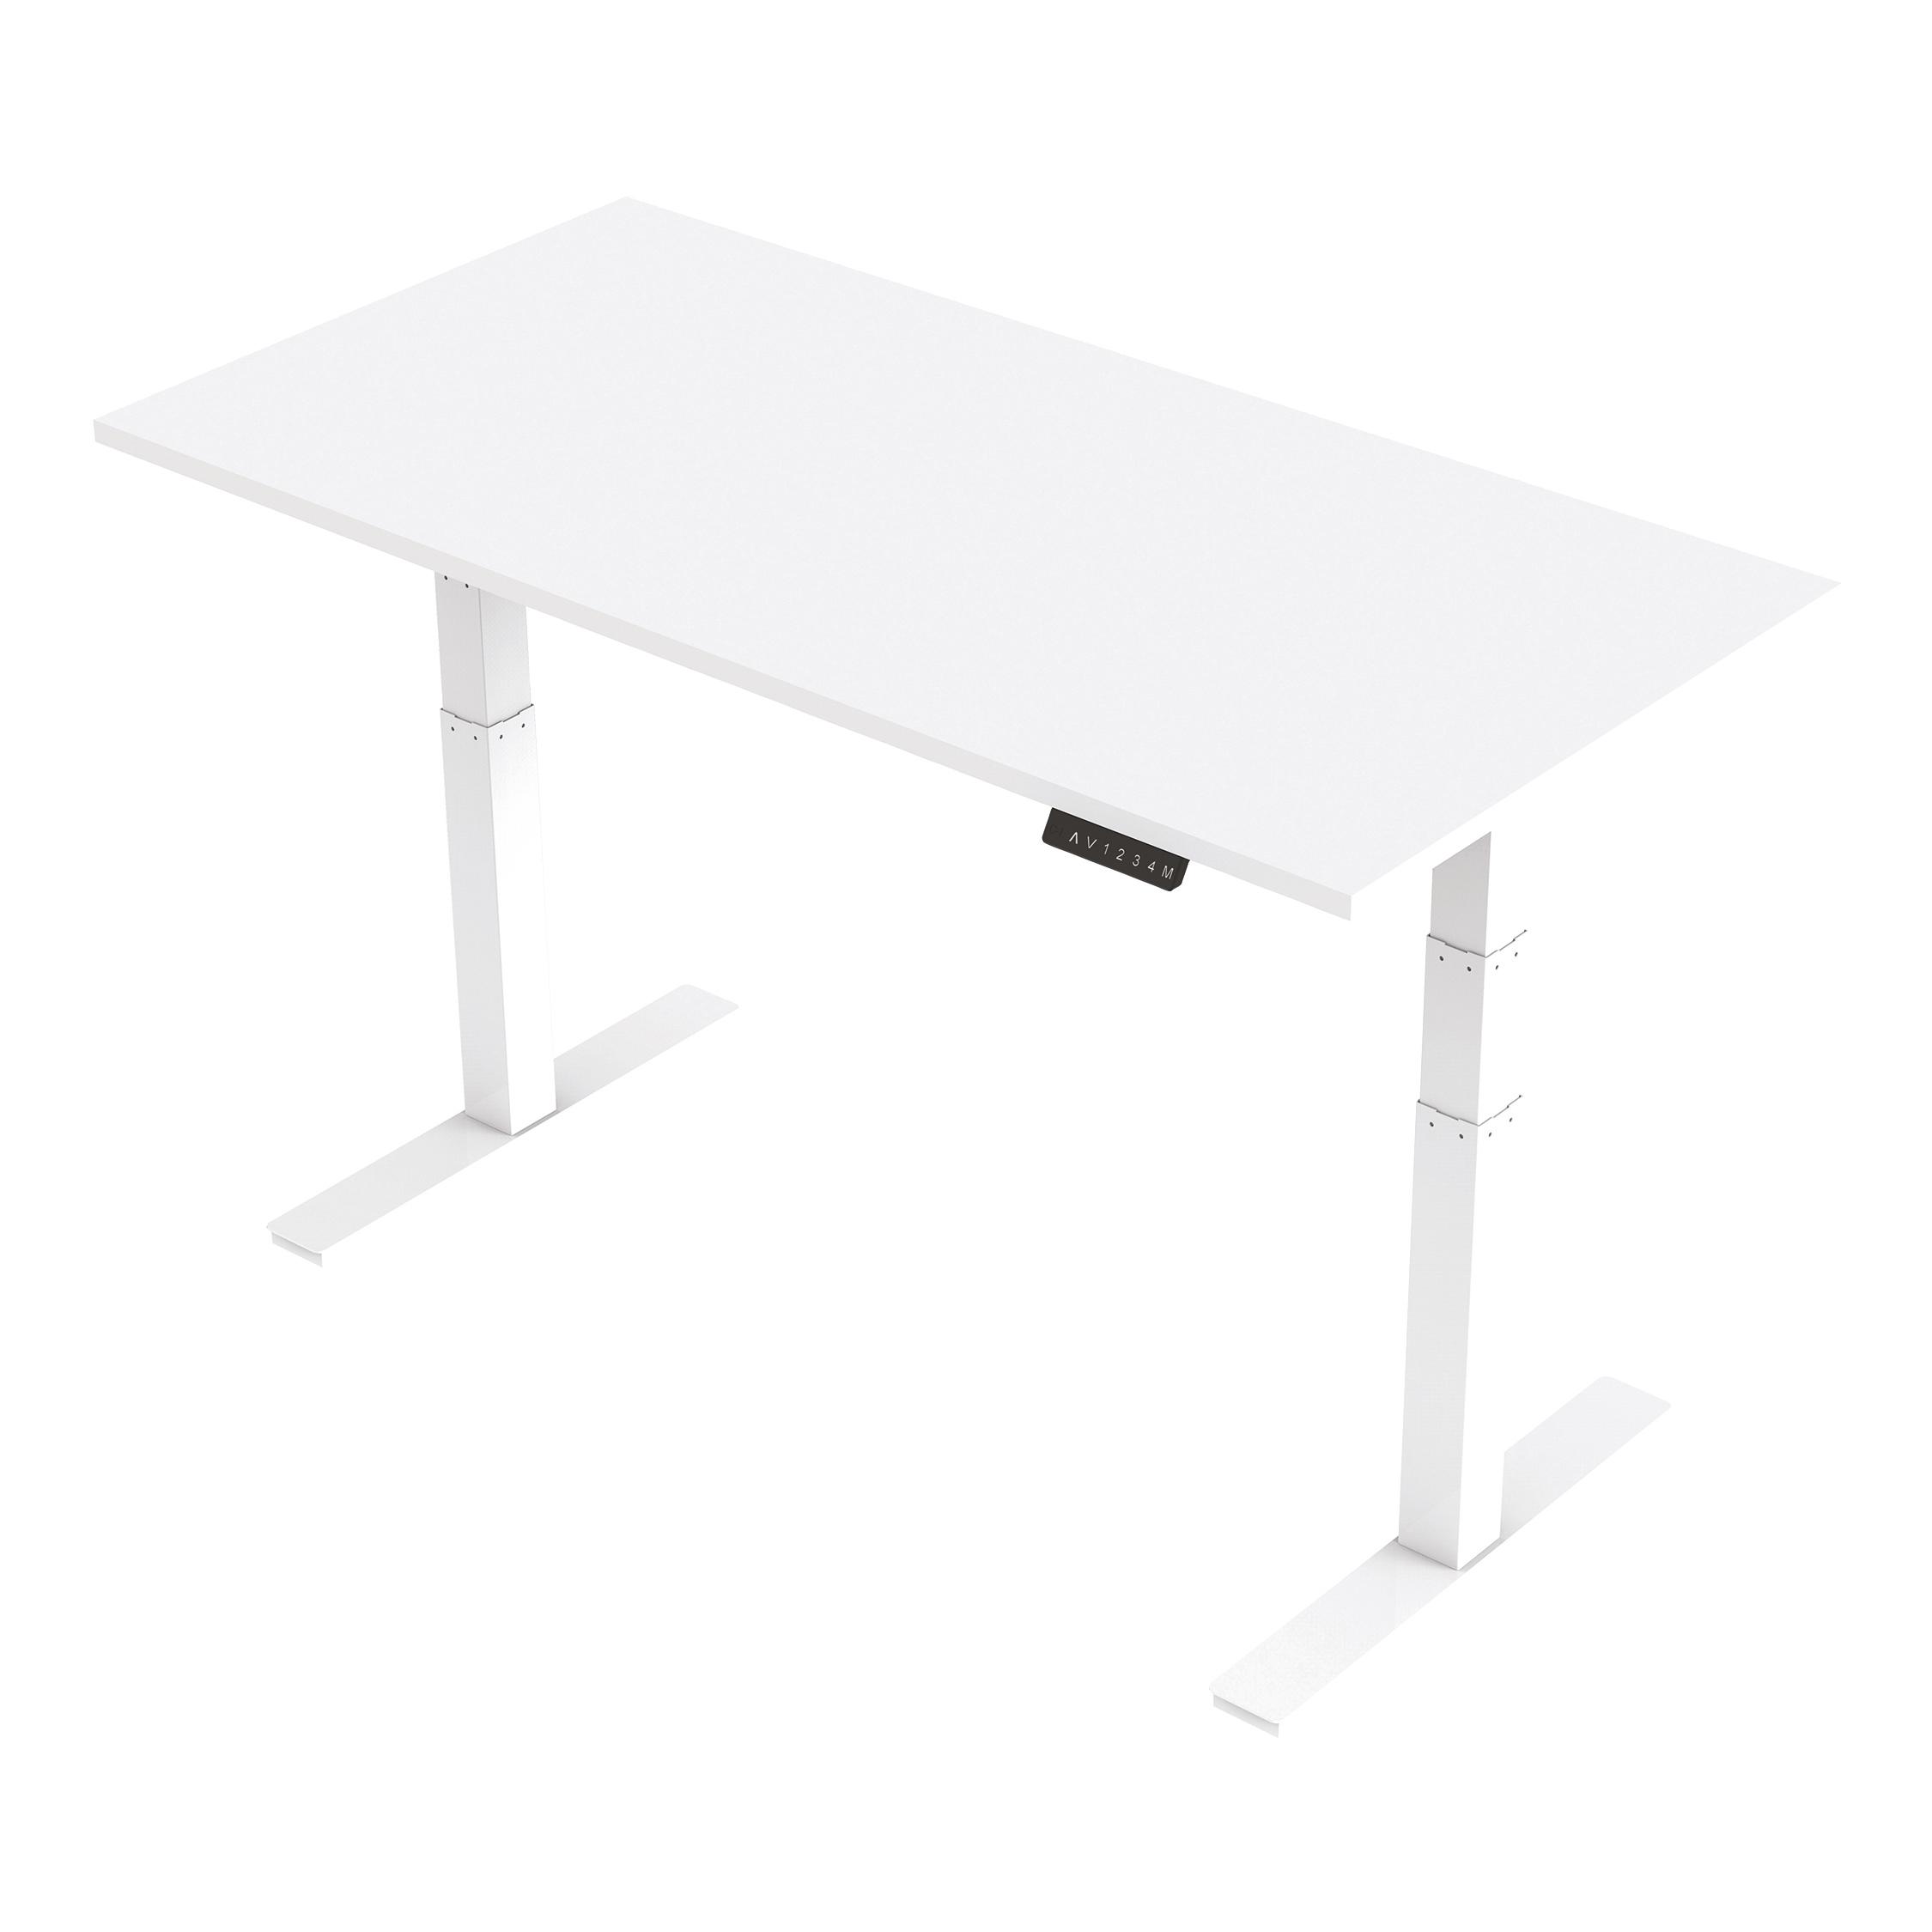 Trexus Sit Stand Desk Height-adjustable White Leg Frame 1600/800mm White Ref HA01031